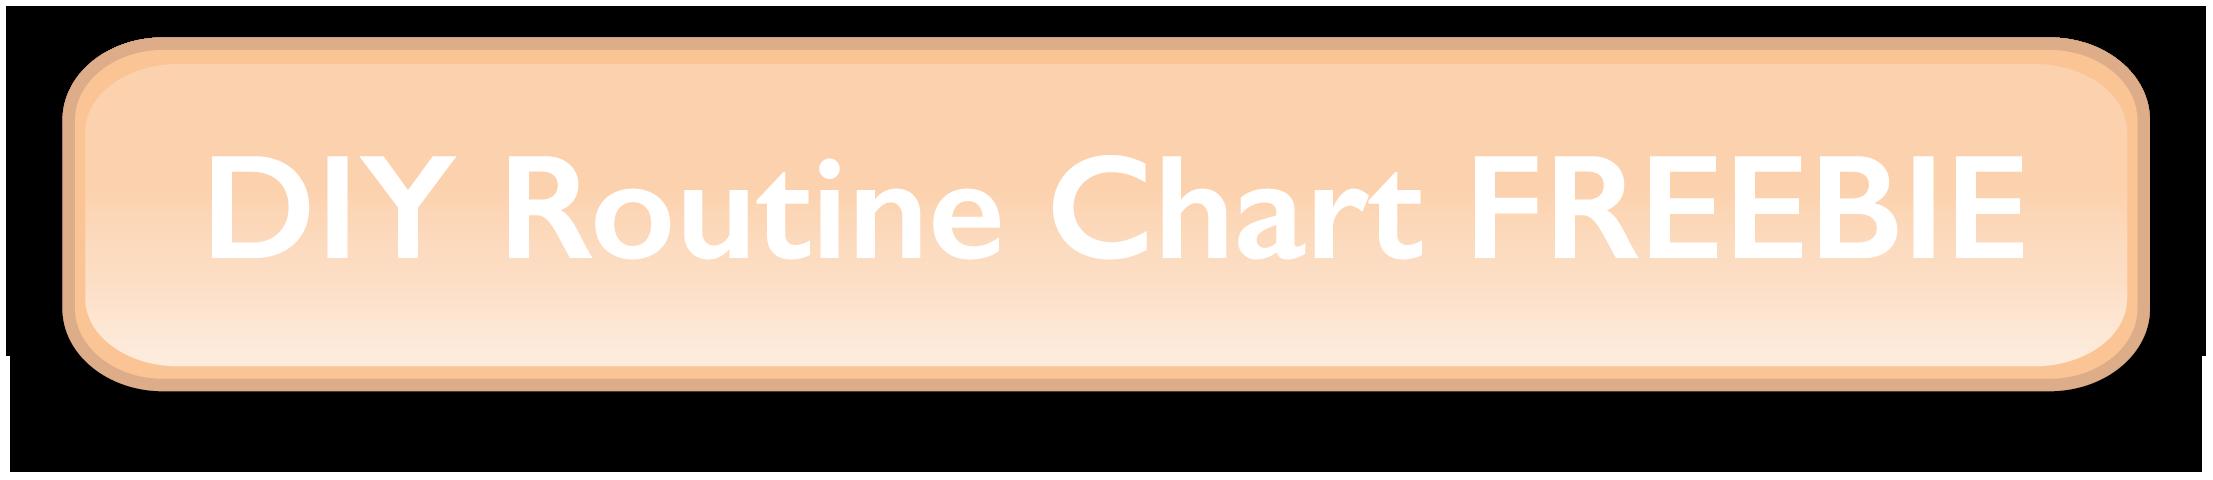 DIY Routine chart freebie button